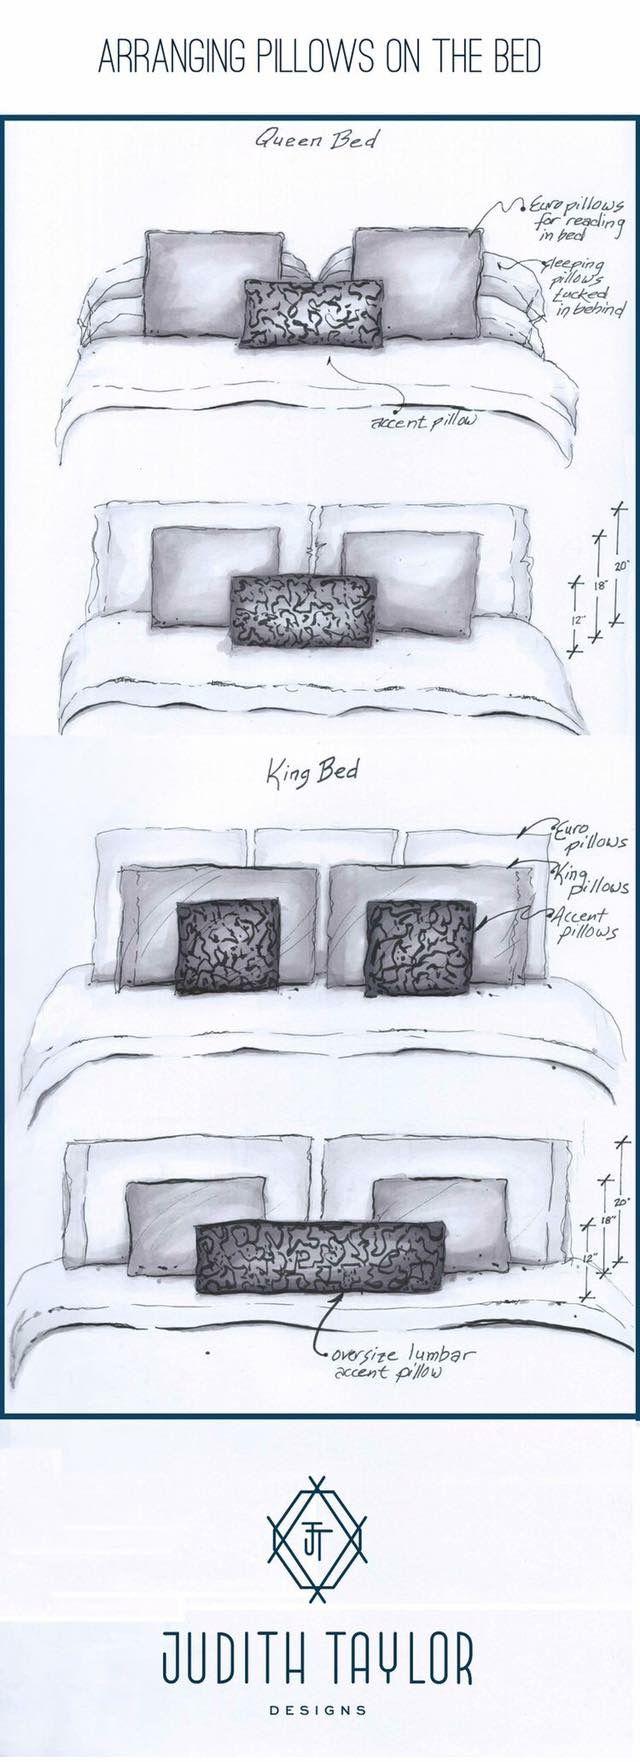 Las 25 mejores ideas sobre tama os de cama en pinterest for Dimensiones de cama matrimonial